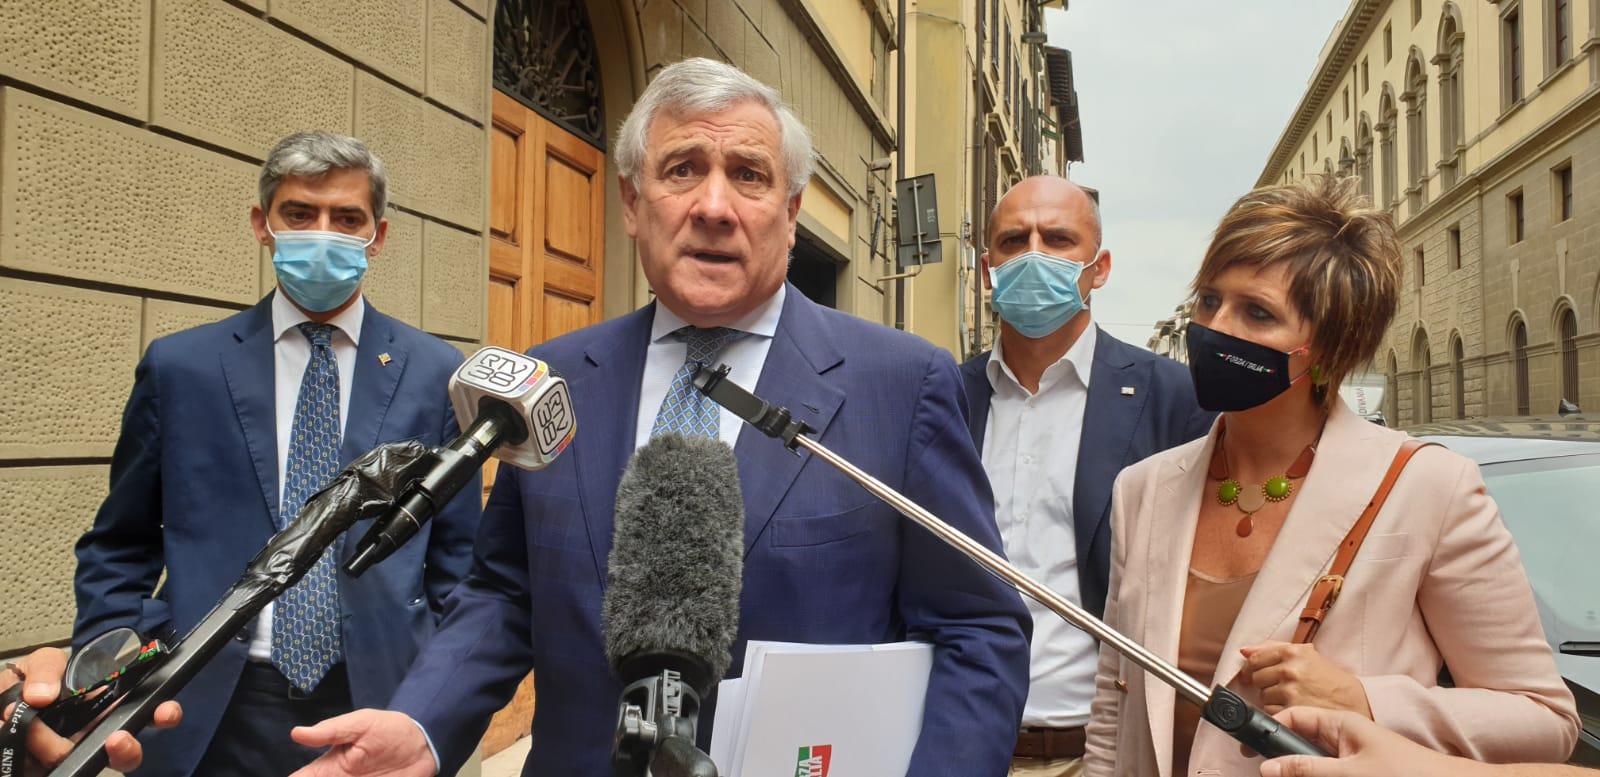 Antonio Tajani Firenze Mugnai Mazzetti Cellai